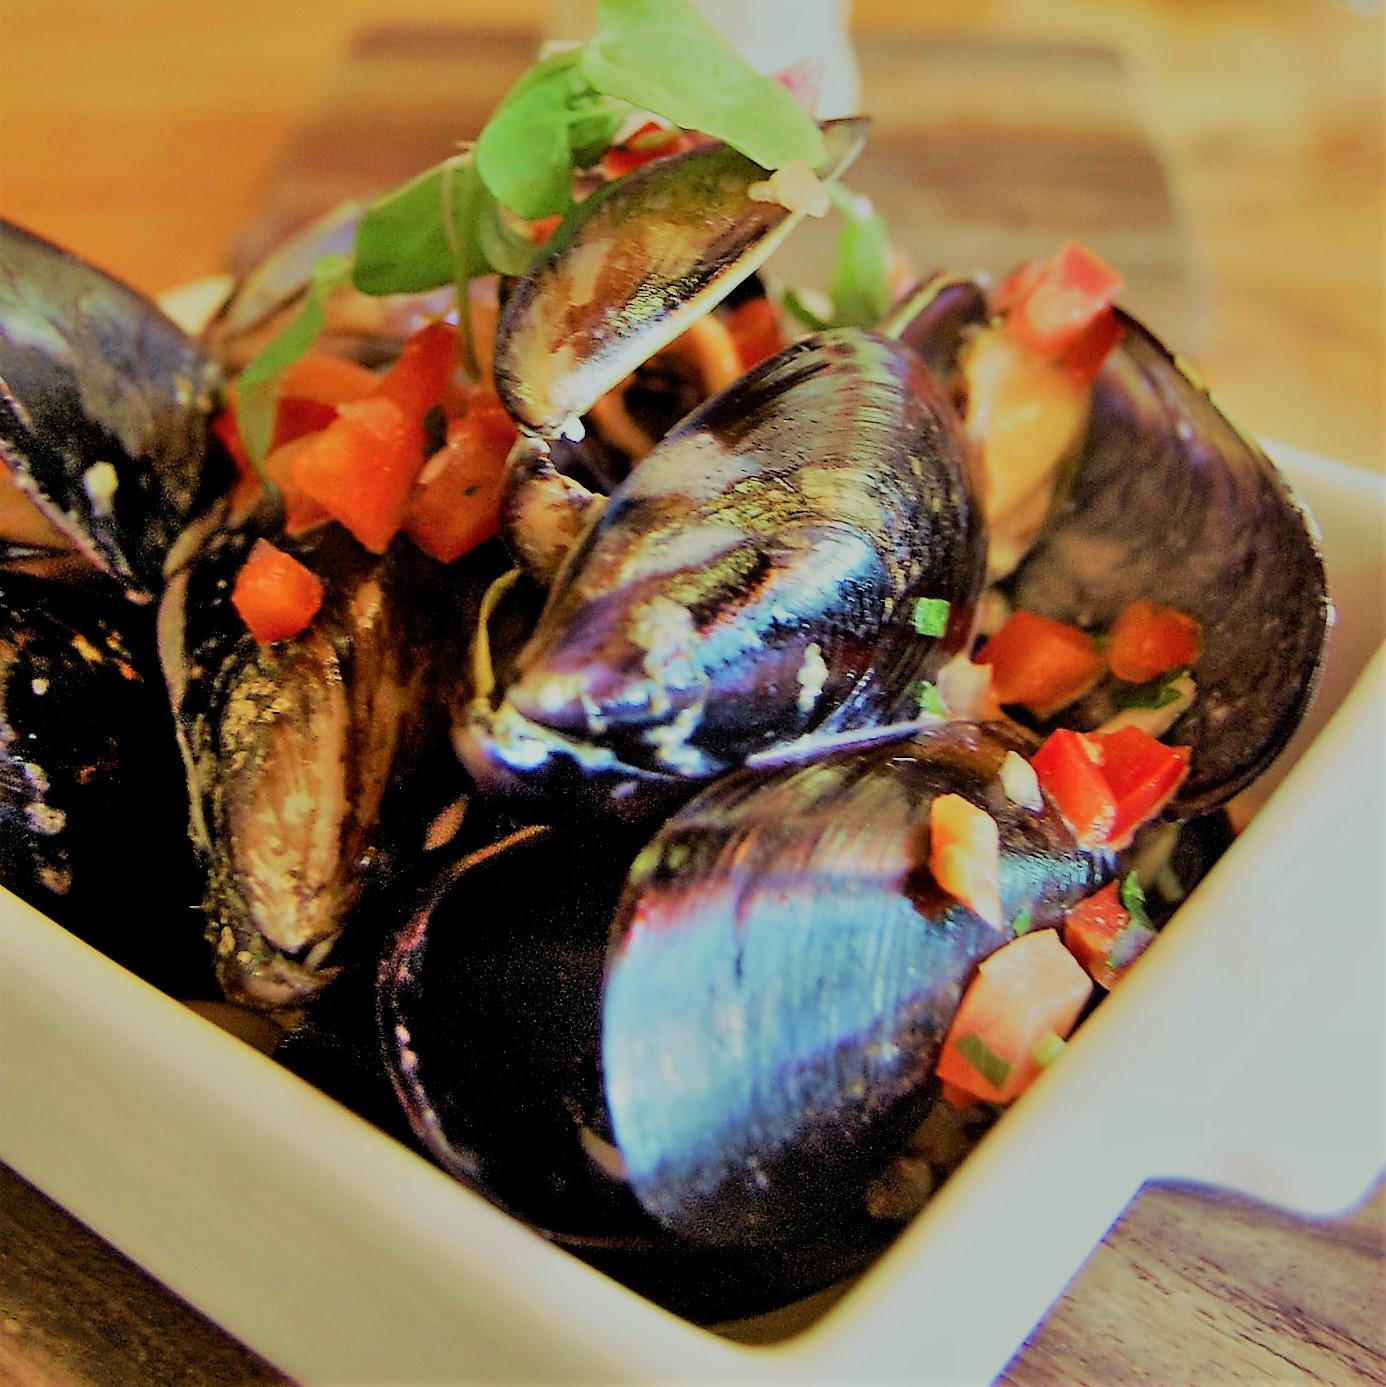 Mussels resized.jpg